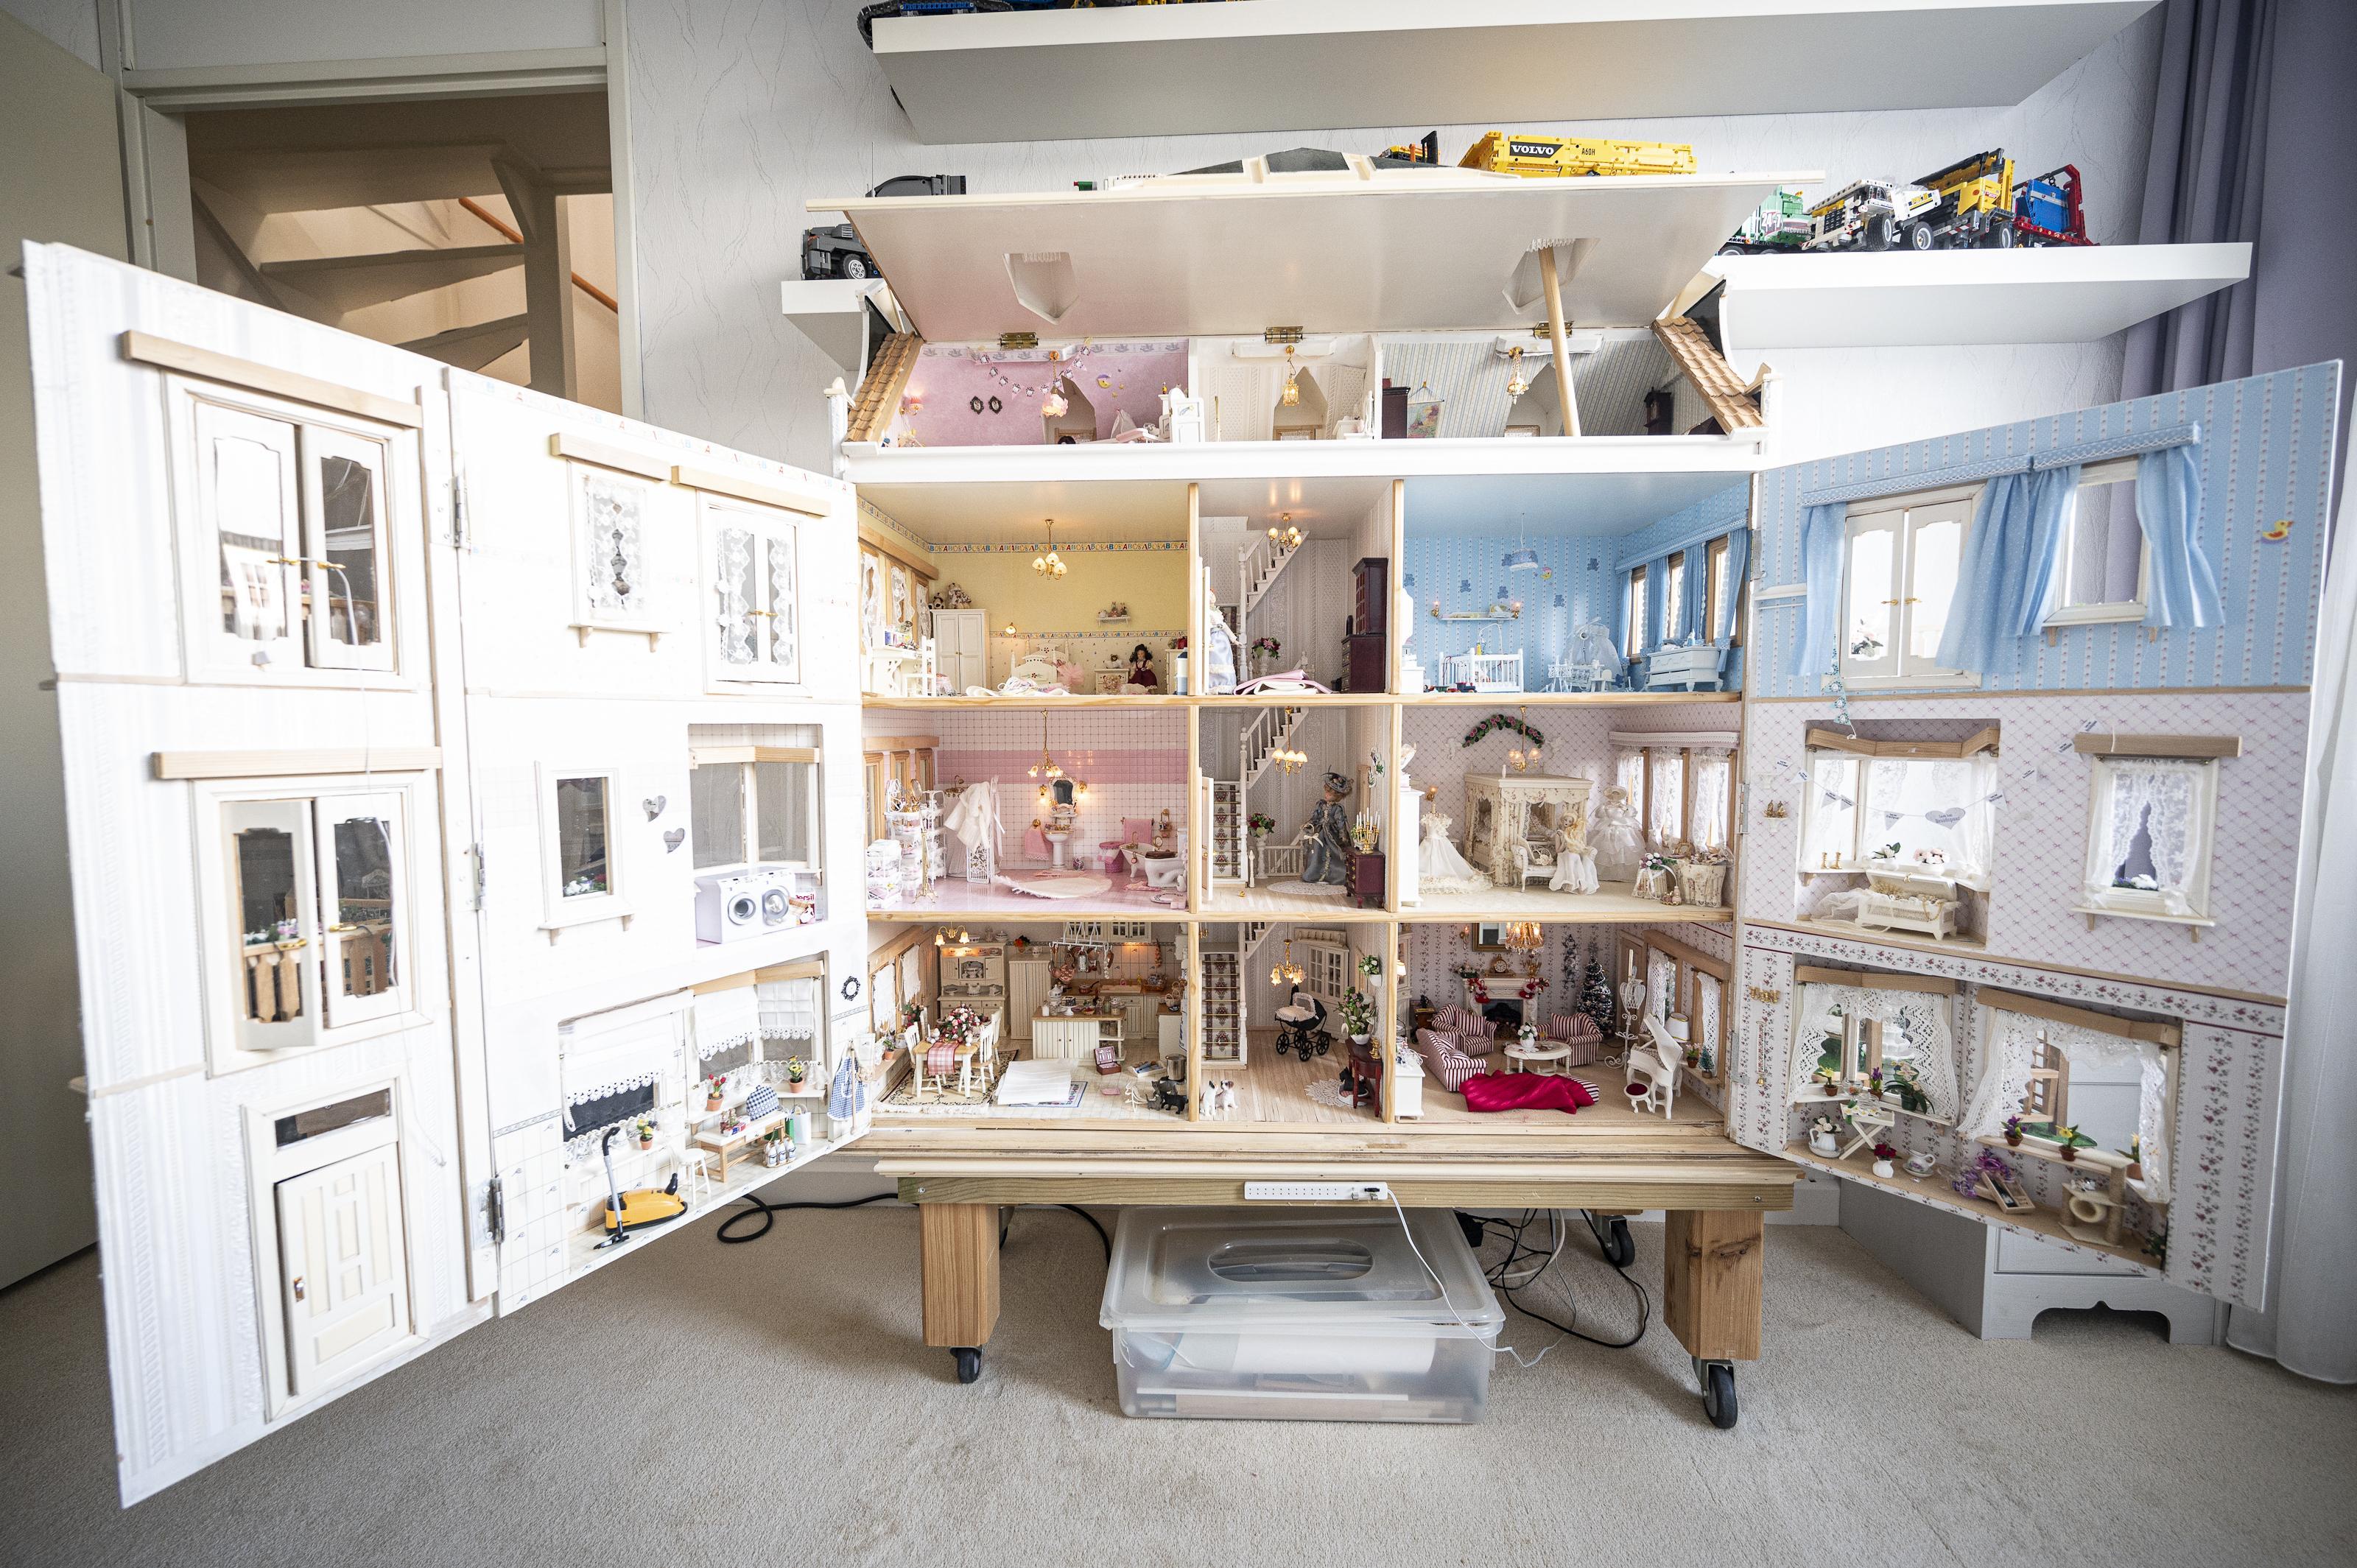 Zelfgemaakte kanten gordijntjes, kroonluchter van Swarovski-steentjes en porselein op schaal: Ria en Bob Keetman uit Assendelft verkopen hun miniatuurhuis (en levenswerk) voor 3500 euro